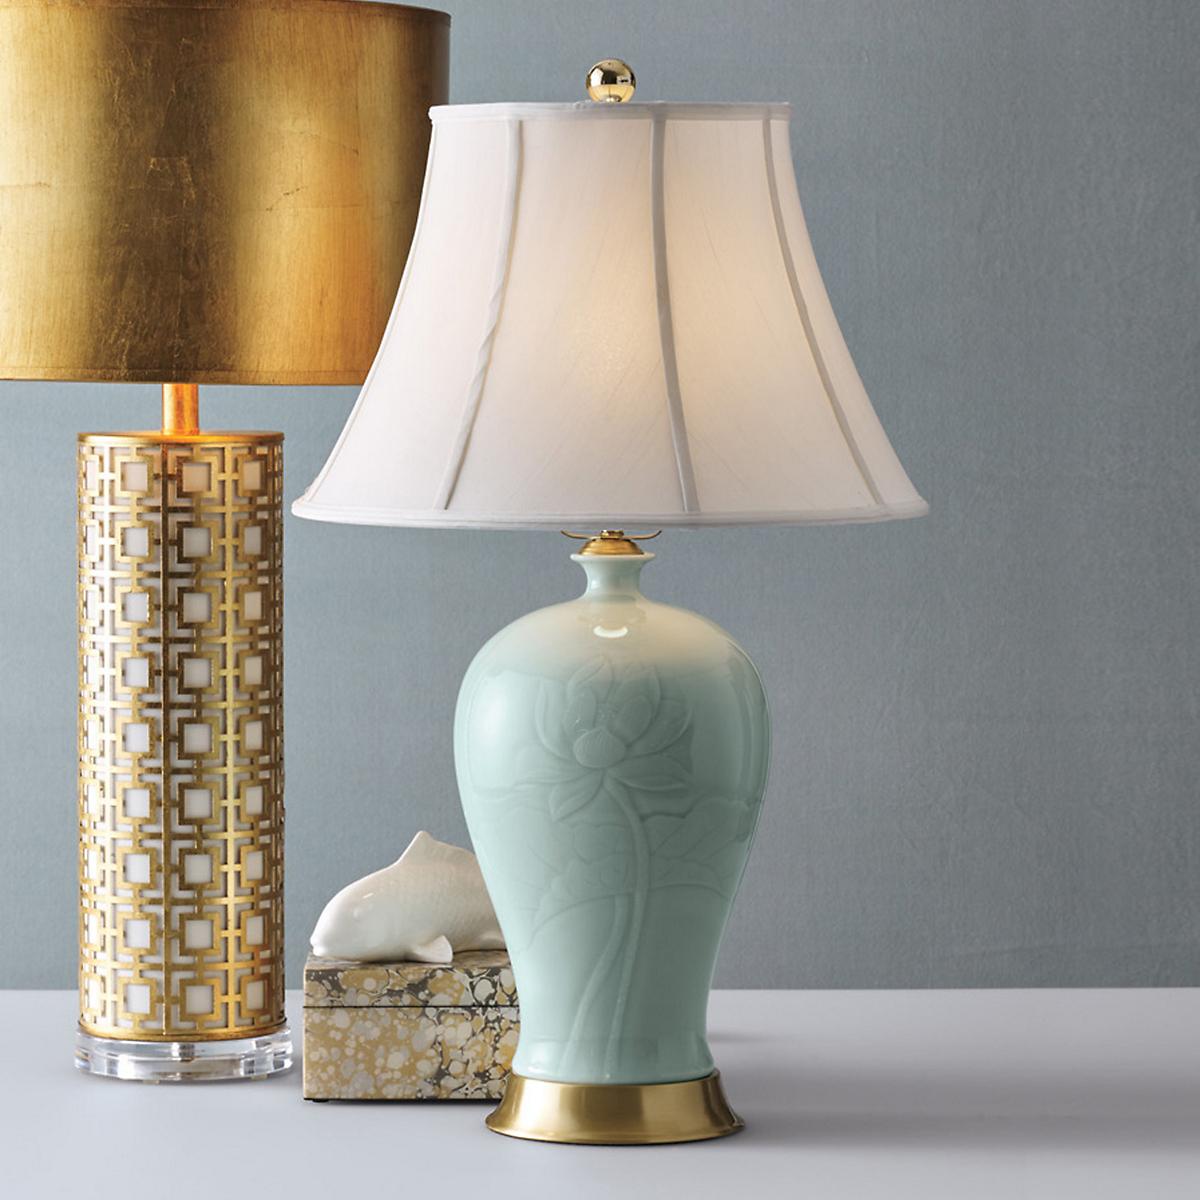 Celadon lotus lamp